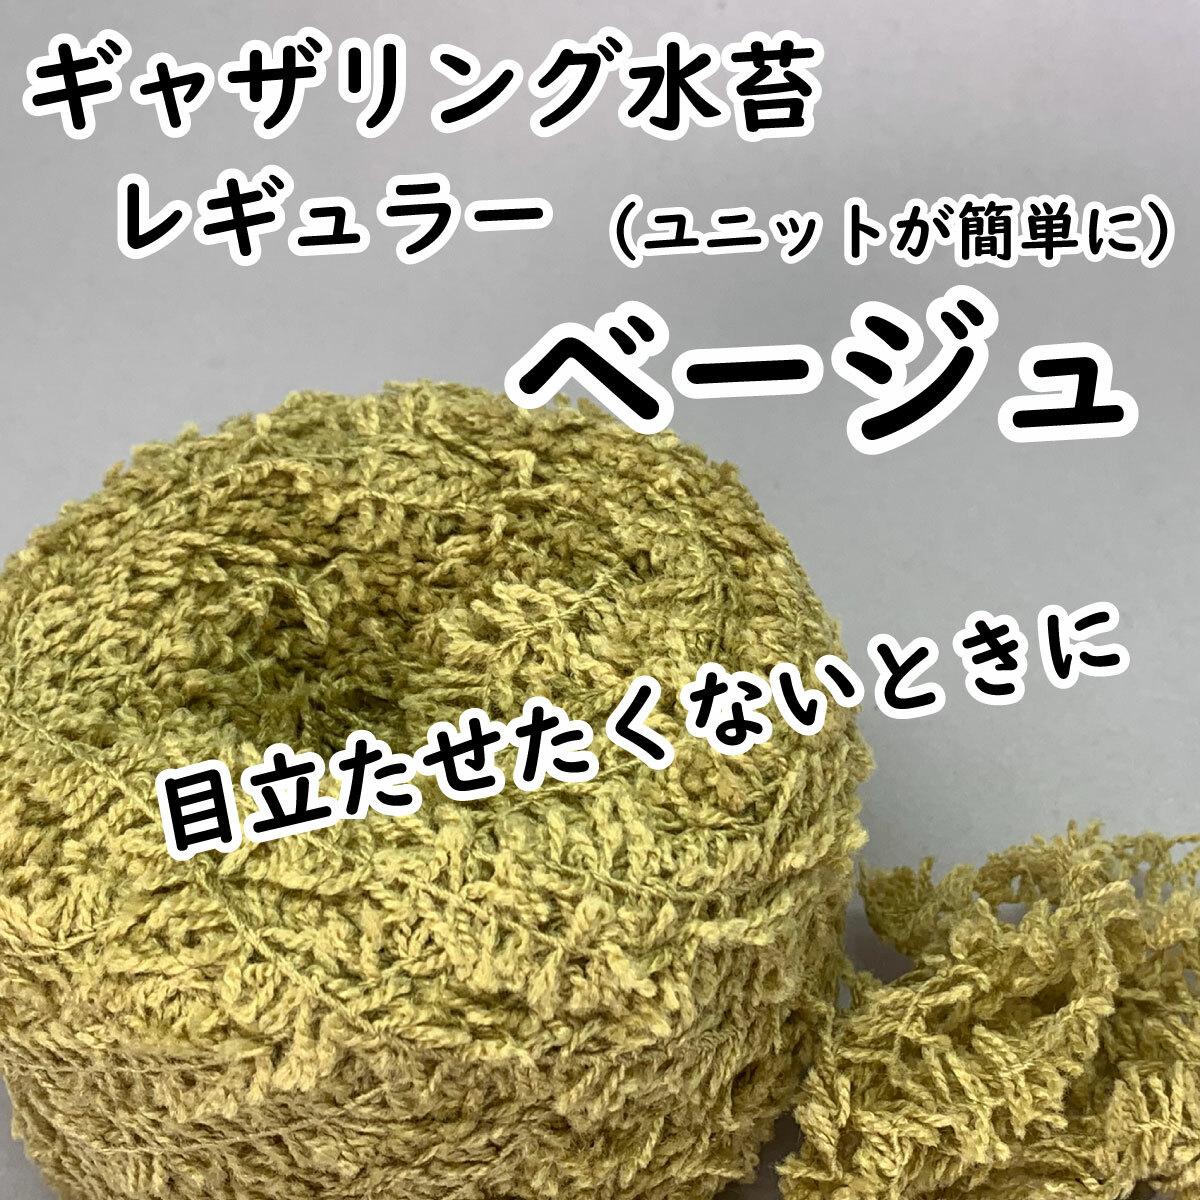 【ギャザリング水苔レギュラー】10色からお選びください - 画像2